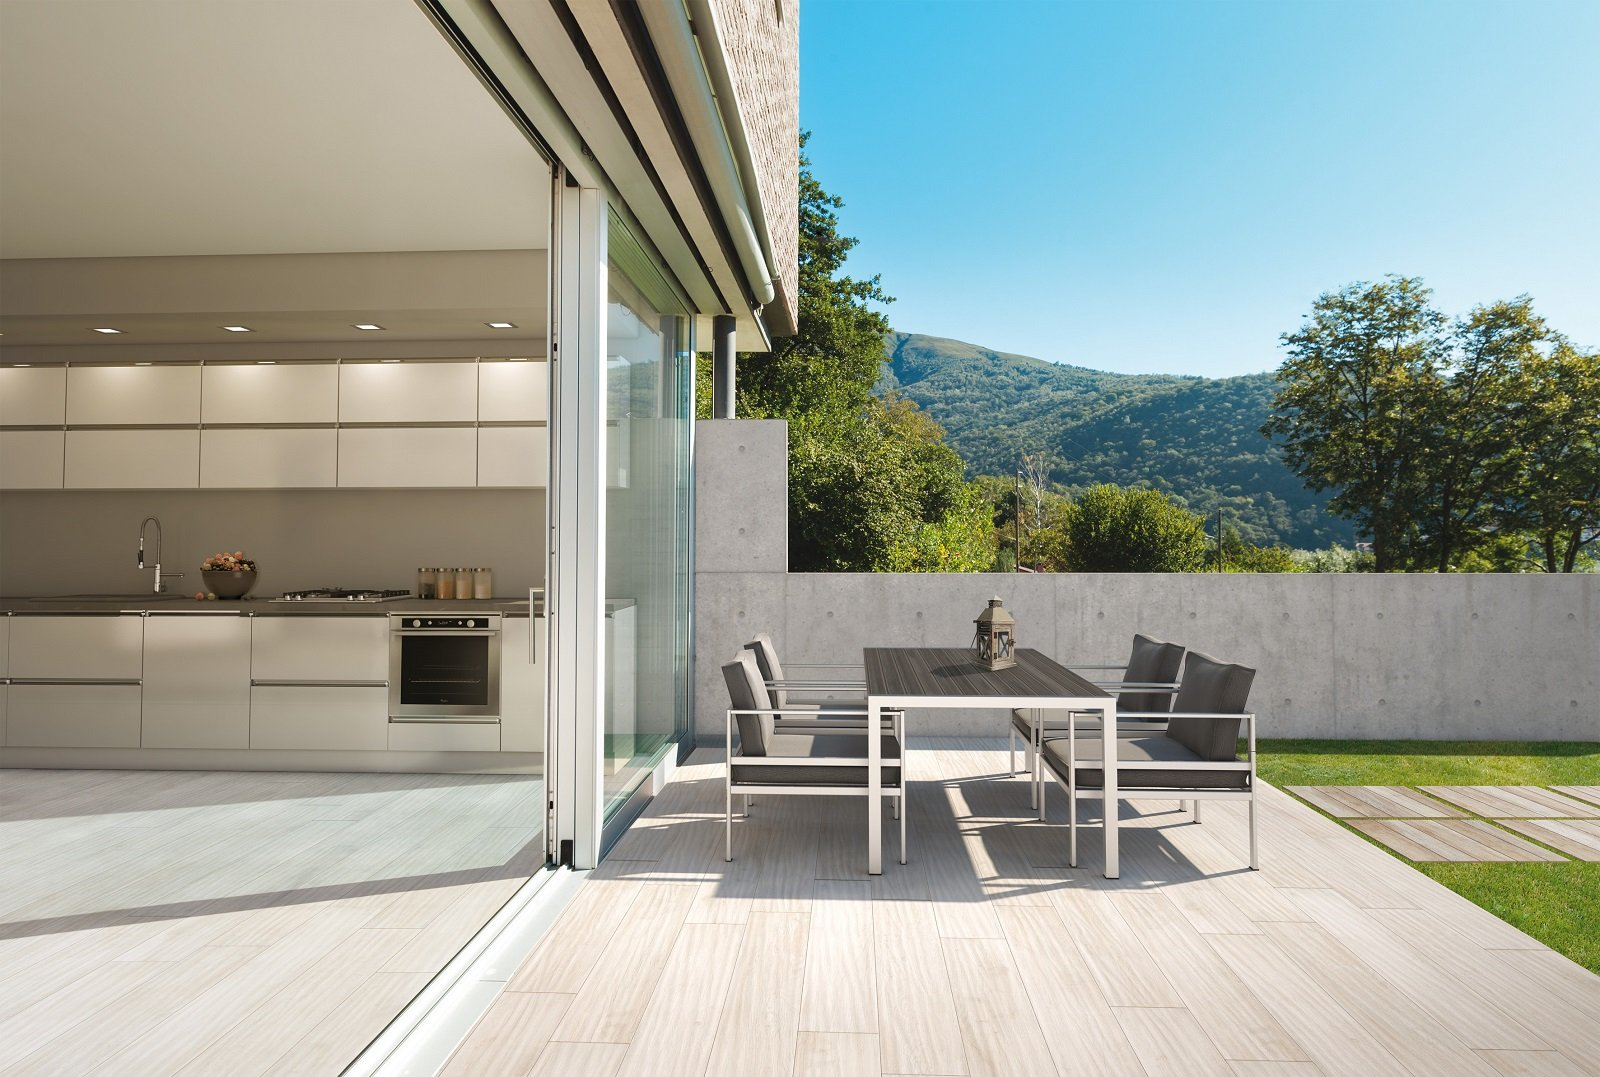 pavimenti per l esterno effetto legno e pietra cose di casa. Black Bedroom Furniture Sets. Home Design Ideas